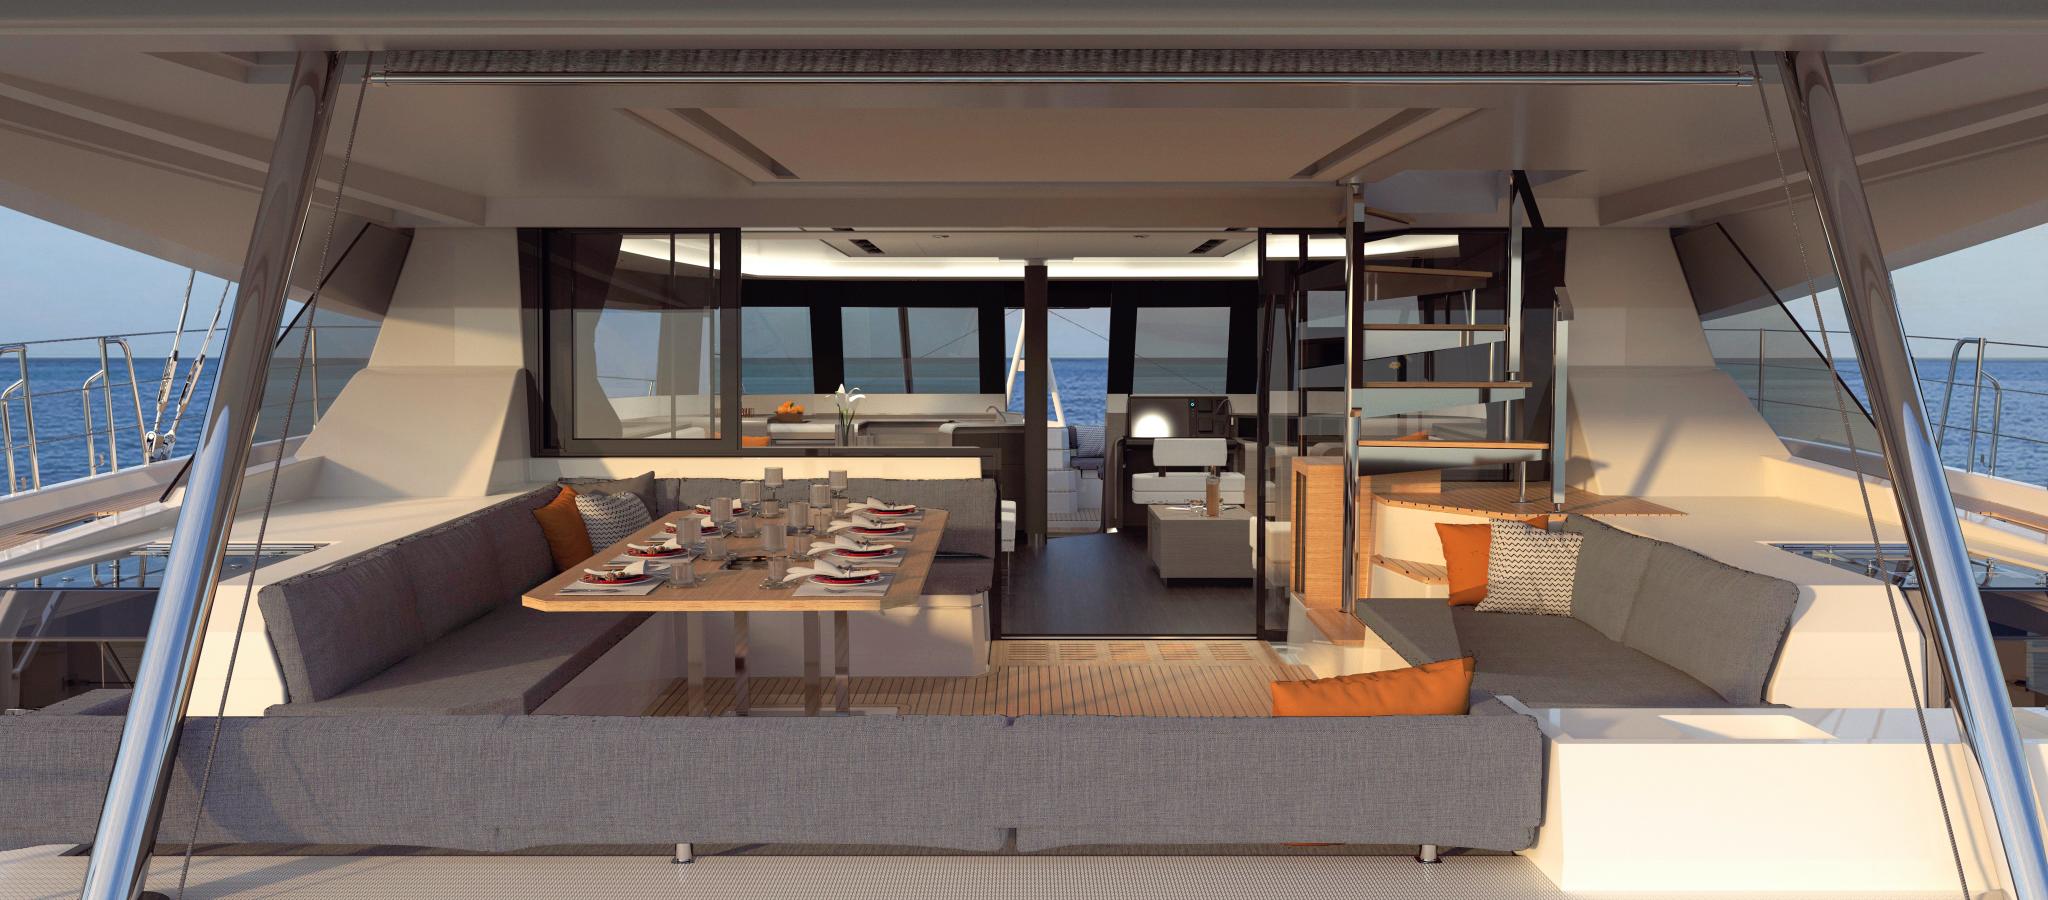 Samana-59-Fountaine-Pajot-Sailing-Catamarans-Exteriors-01--10-